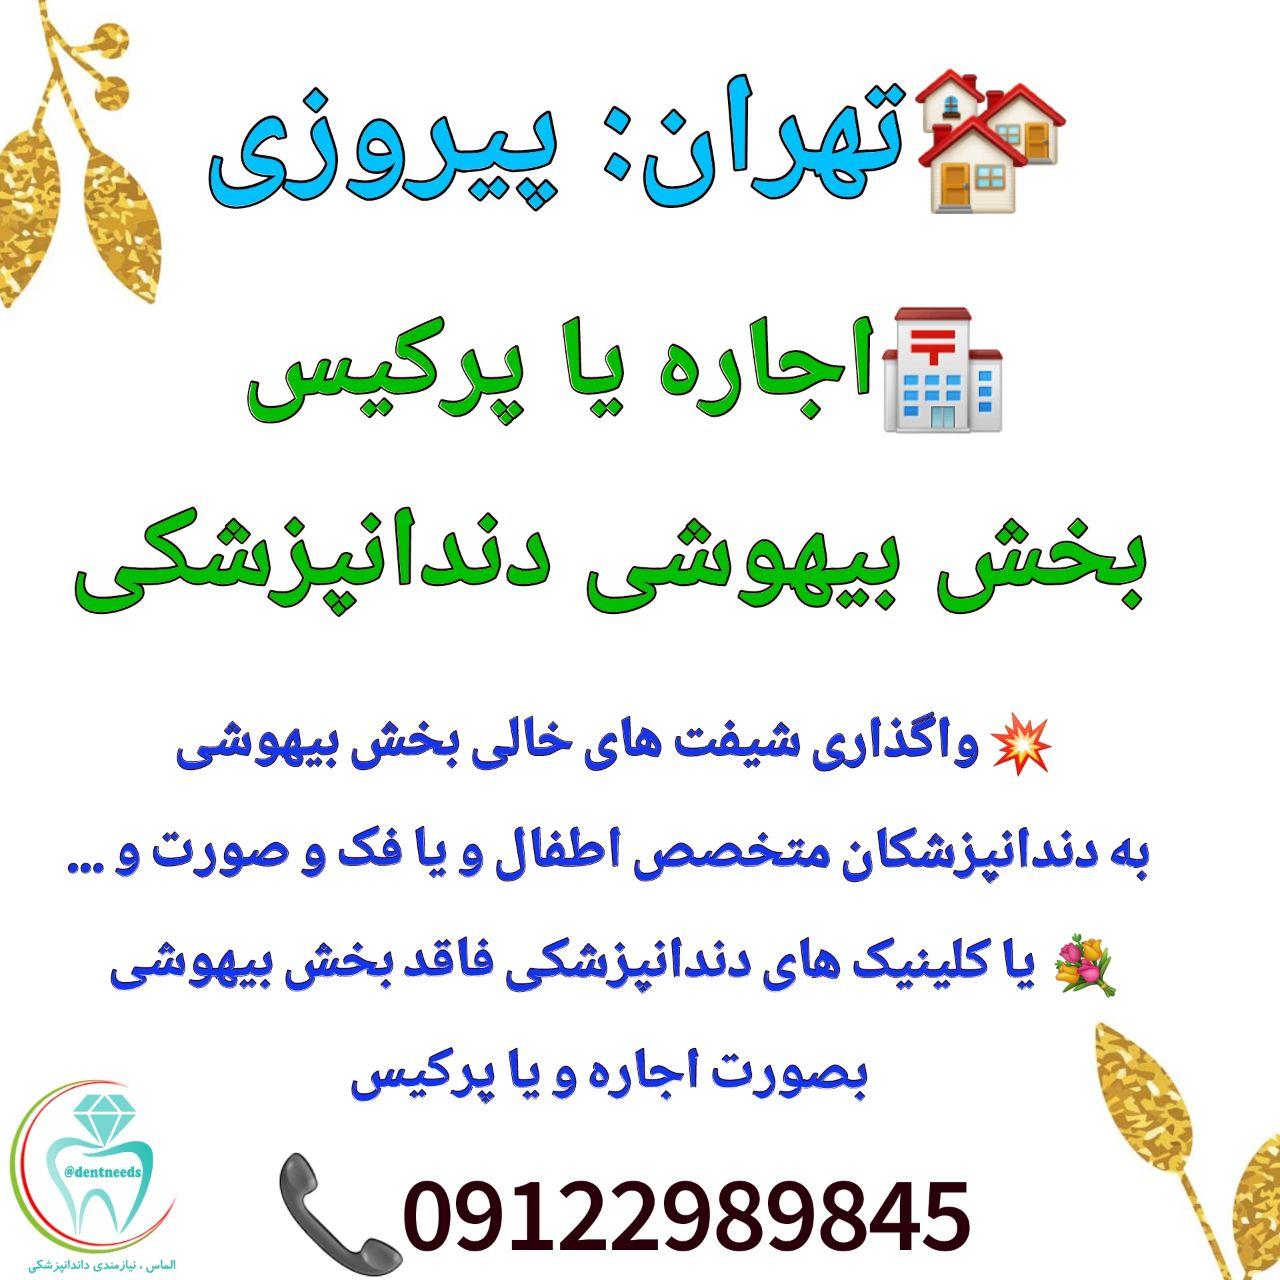 تهران: پیروزی، اجاره یا پریکس بخش بیهوشی دندانپزشکی